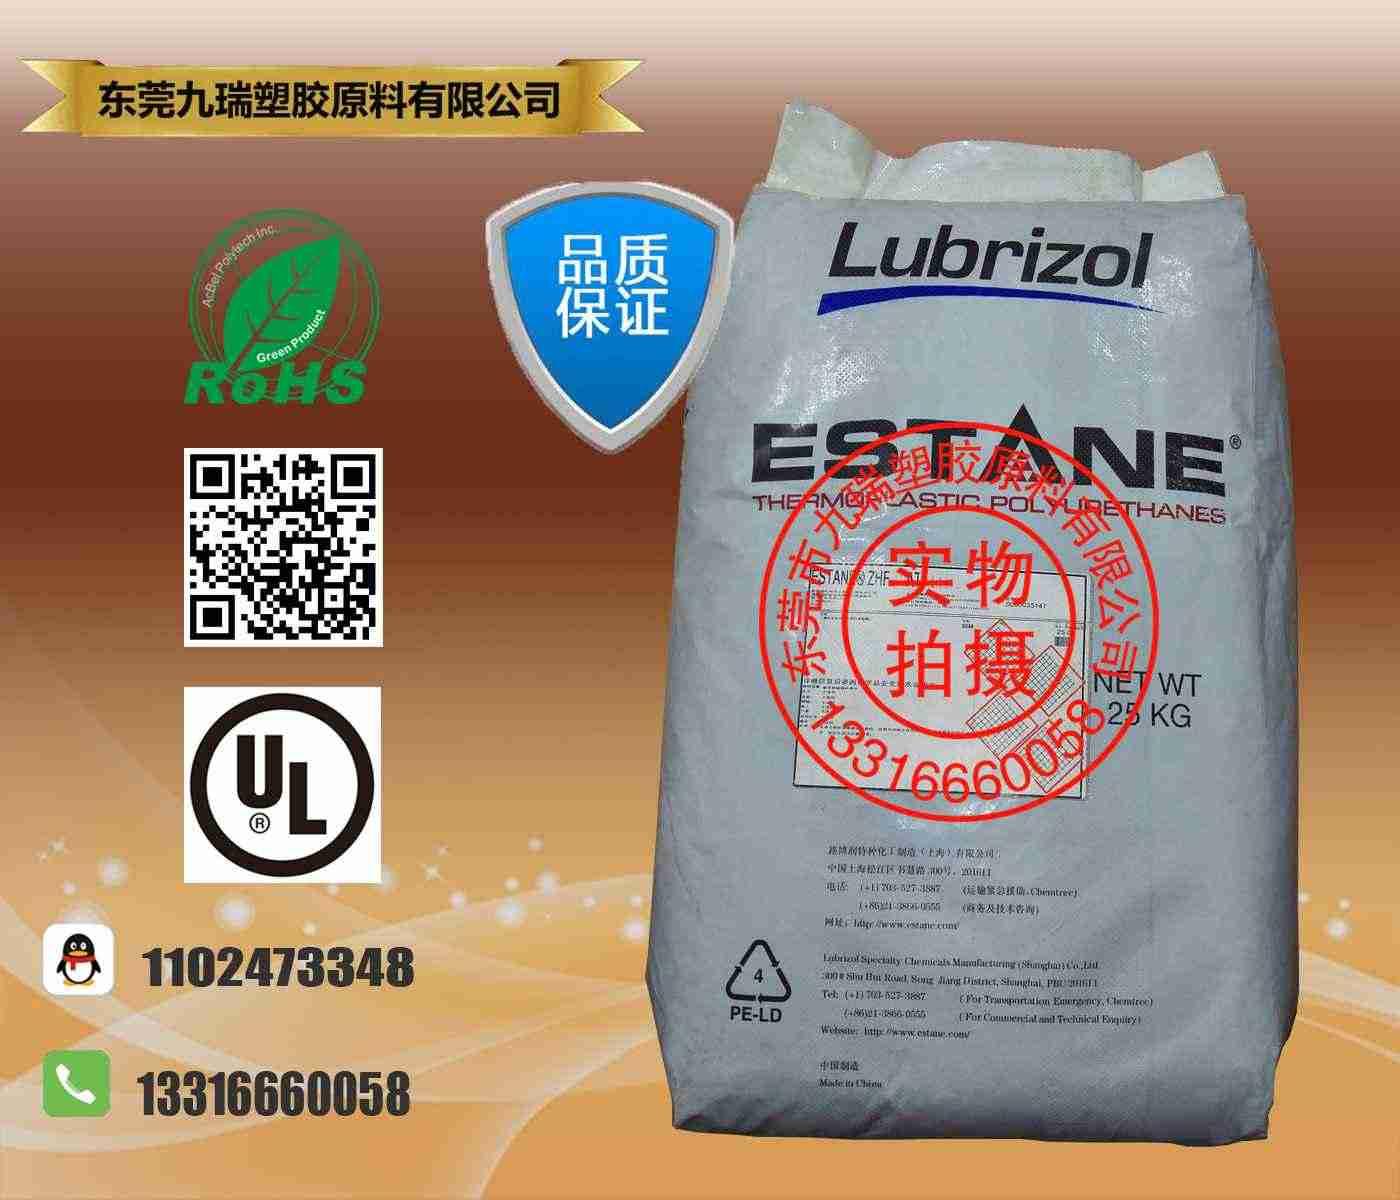 哑光磨砂阻燃TPU材料ZHF82AT3 BLK282批发